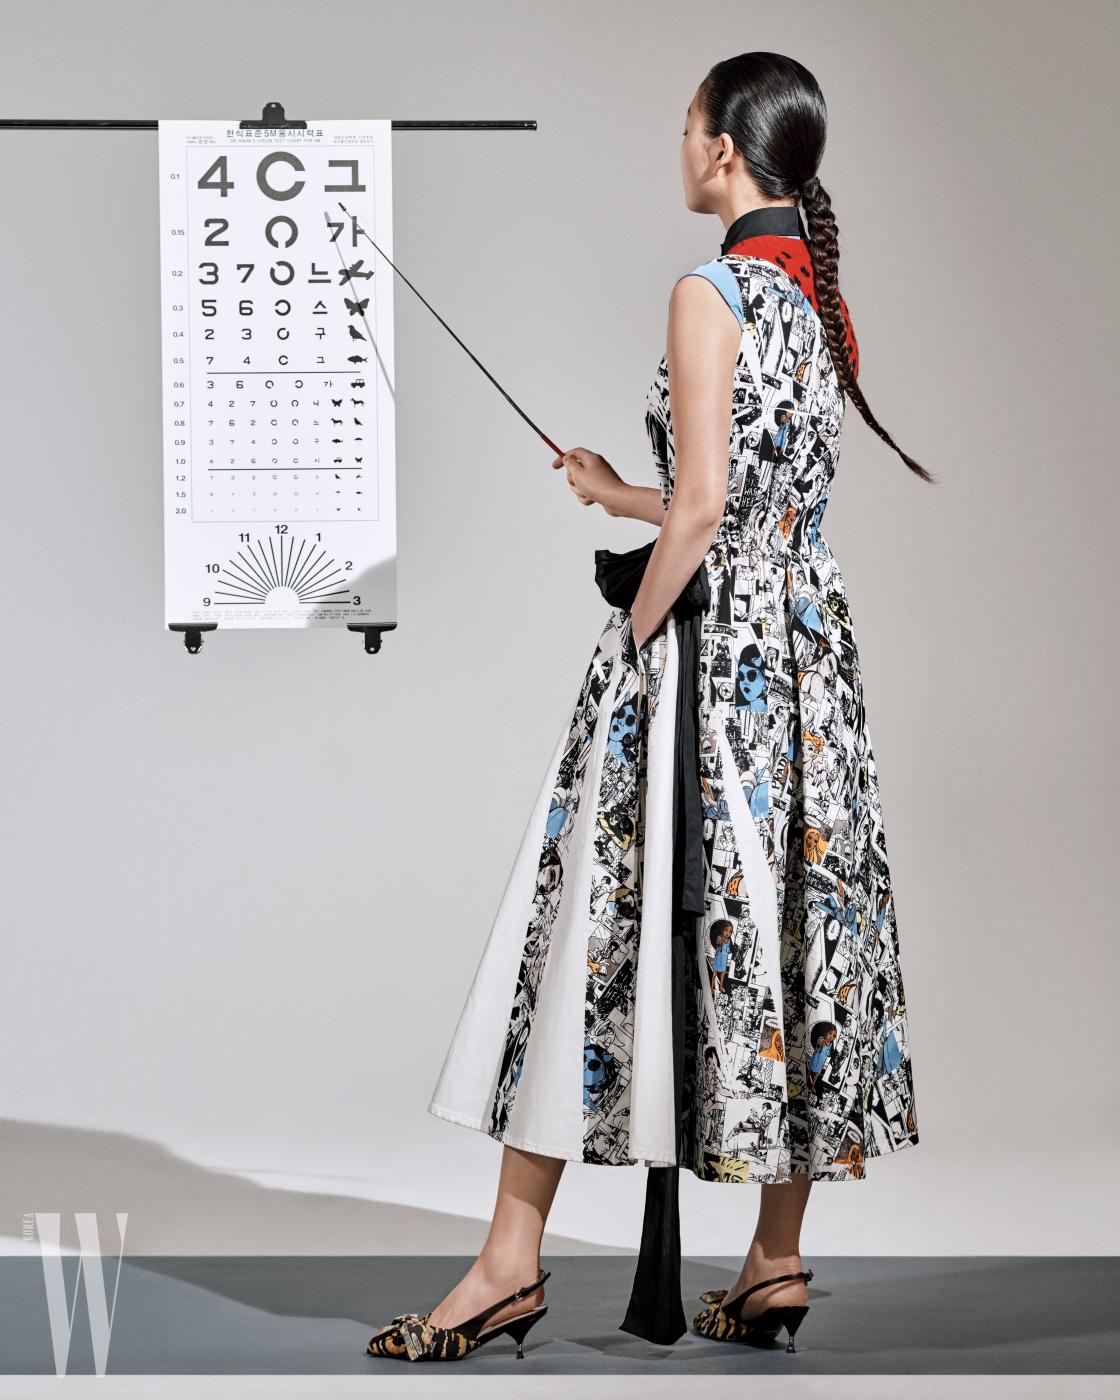 만화 프린트의 오프숄더 드레스, 안에 입은 도트 무늬 베스트와 슬리브리스 셔츠, 애니멀 프린트 슬링백 슈즈는 모두 프라다 제품. 모두 가격 미정.